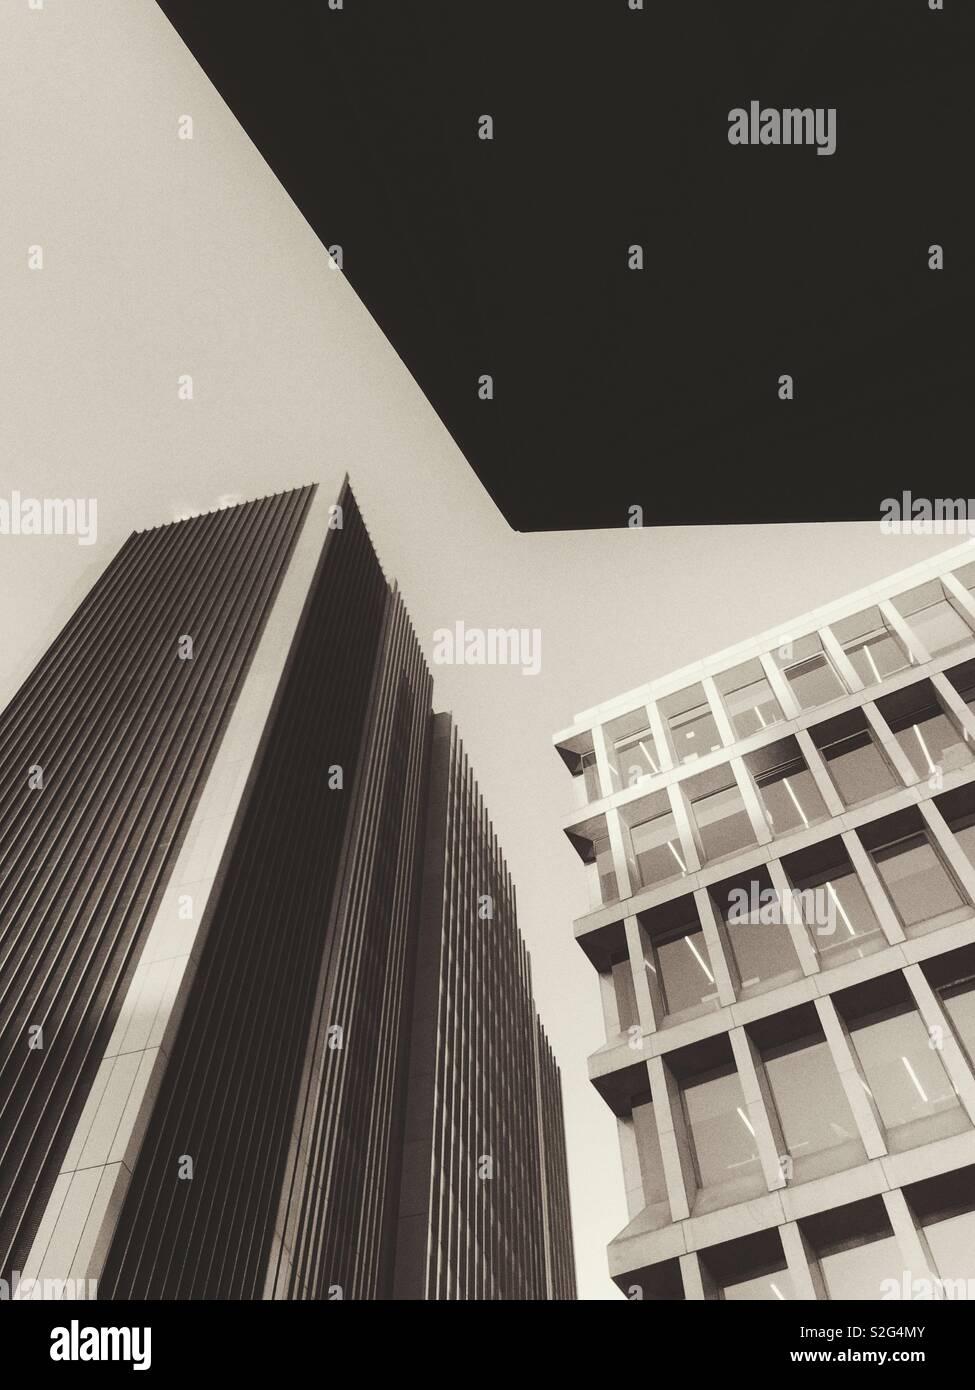 Abstraite de bâtiments dans la ville de Londres Banque D'Images